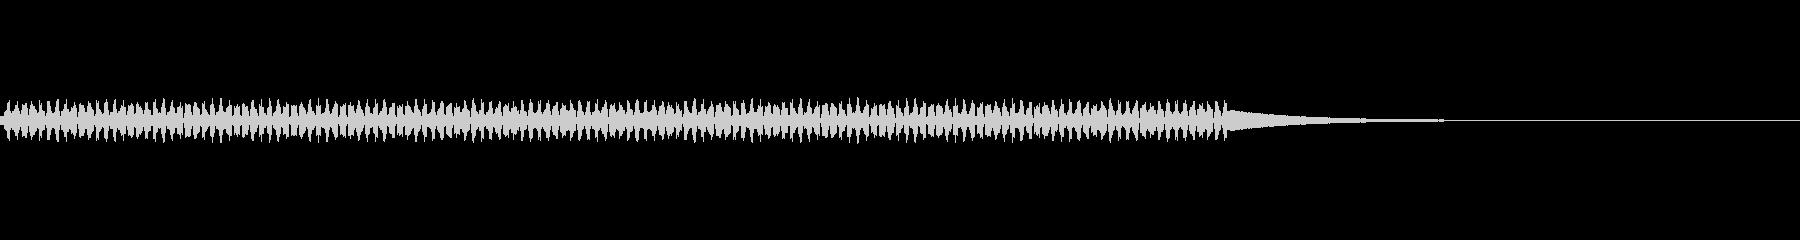 電話/ボタン/押す/プッ/タイプ3の未再生の波形